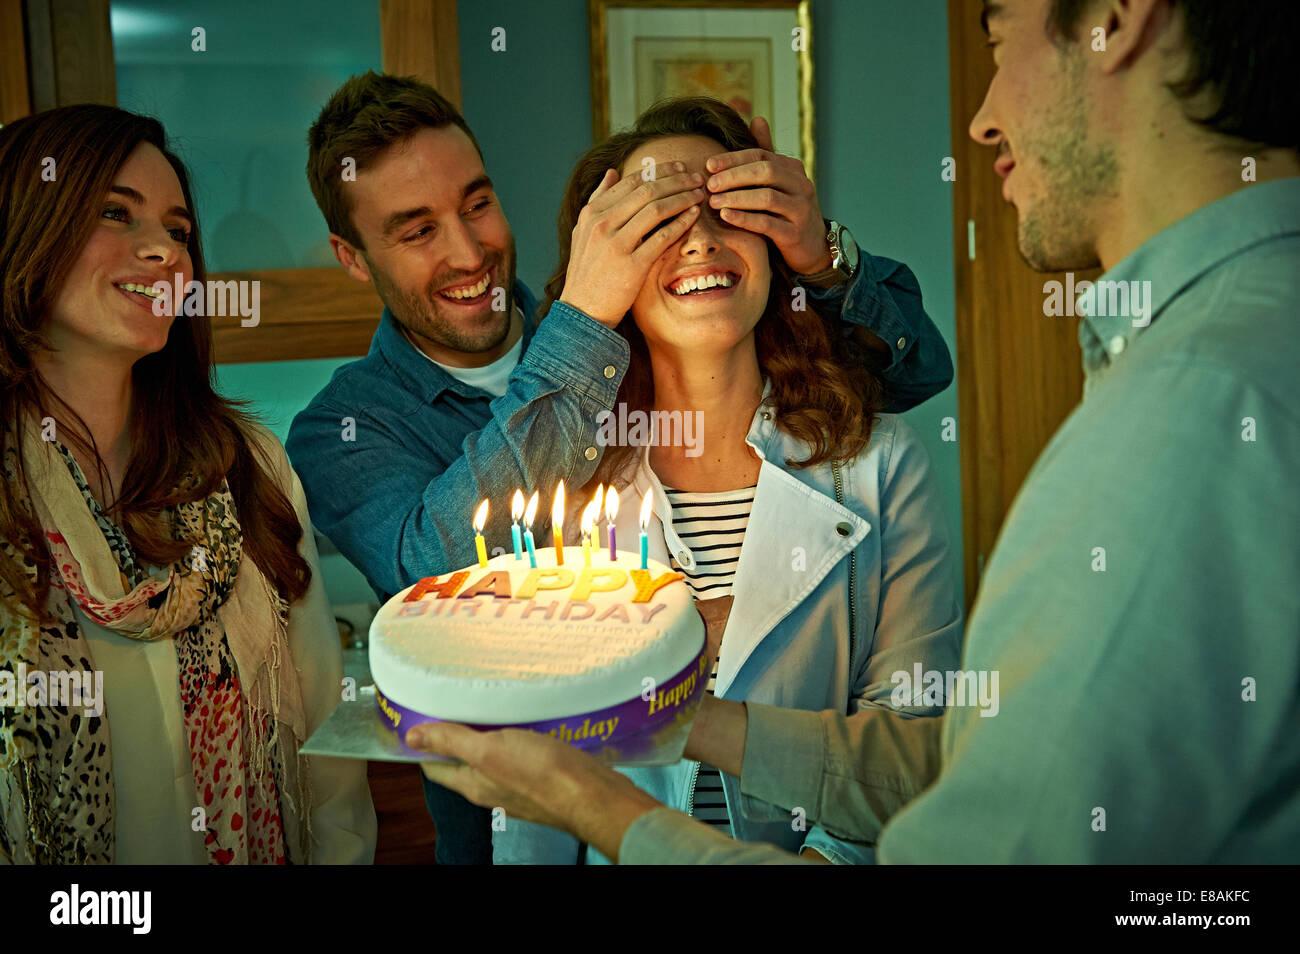 Amigos celebrando un cumpleaños en casa Imagen De Stock